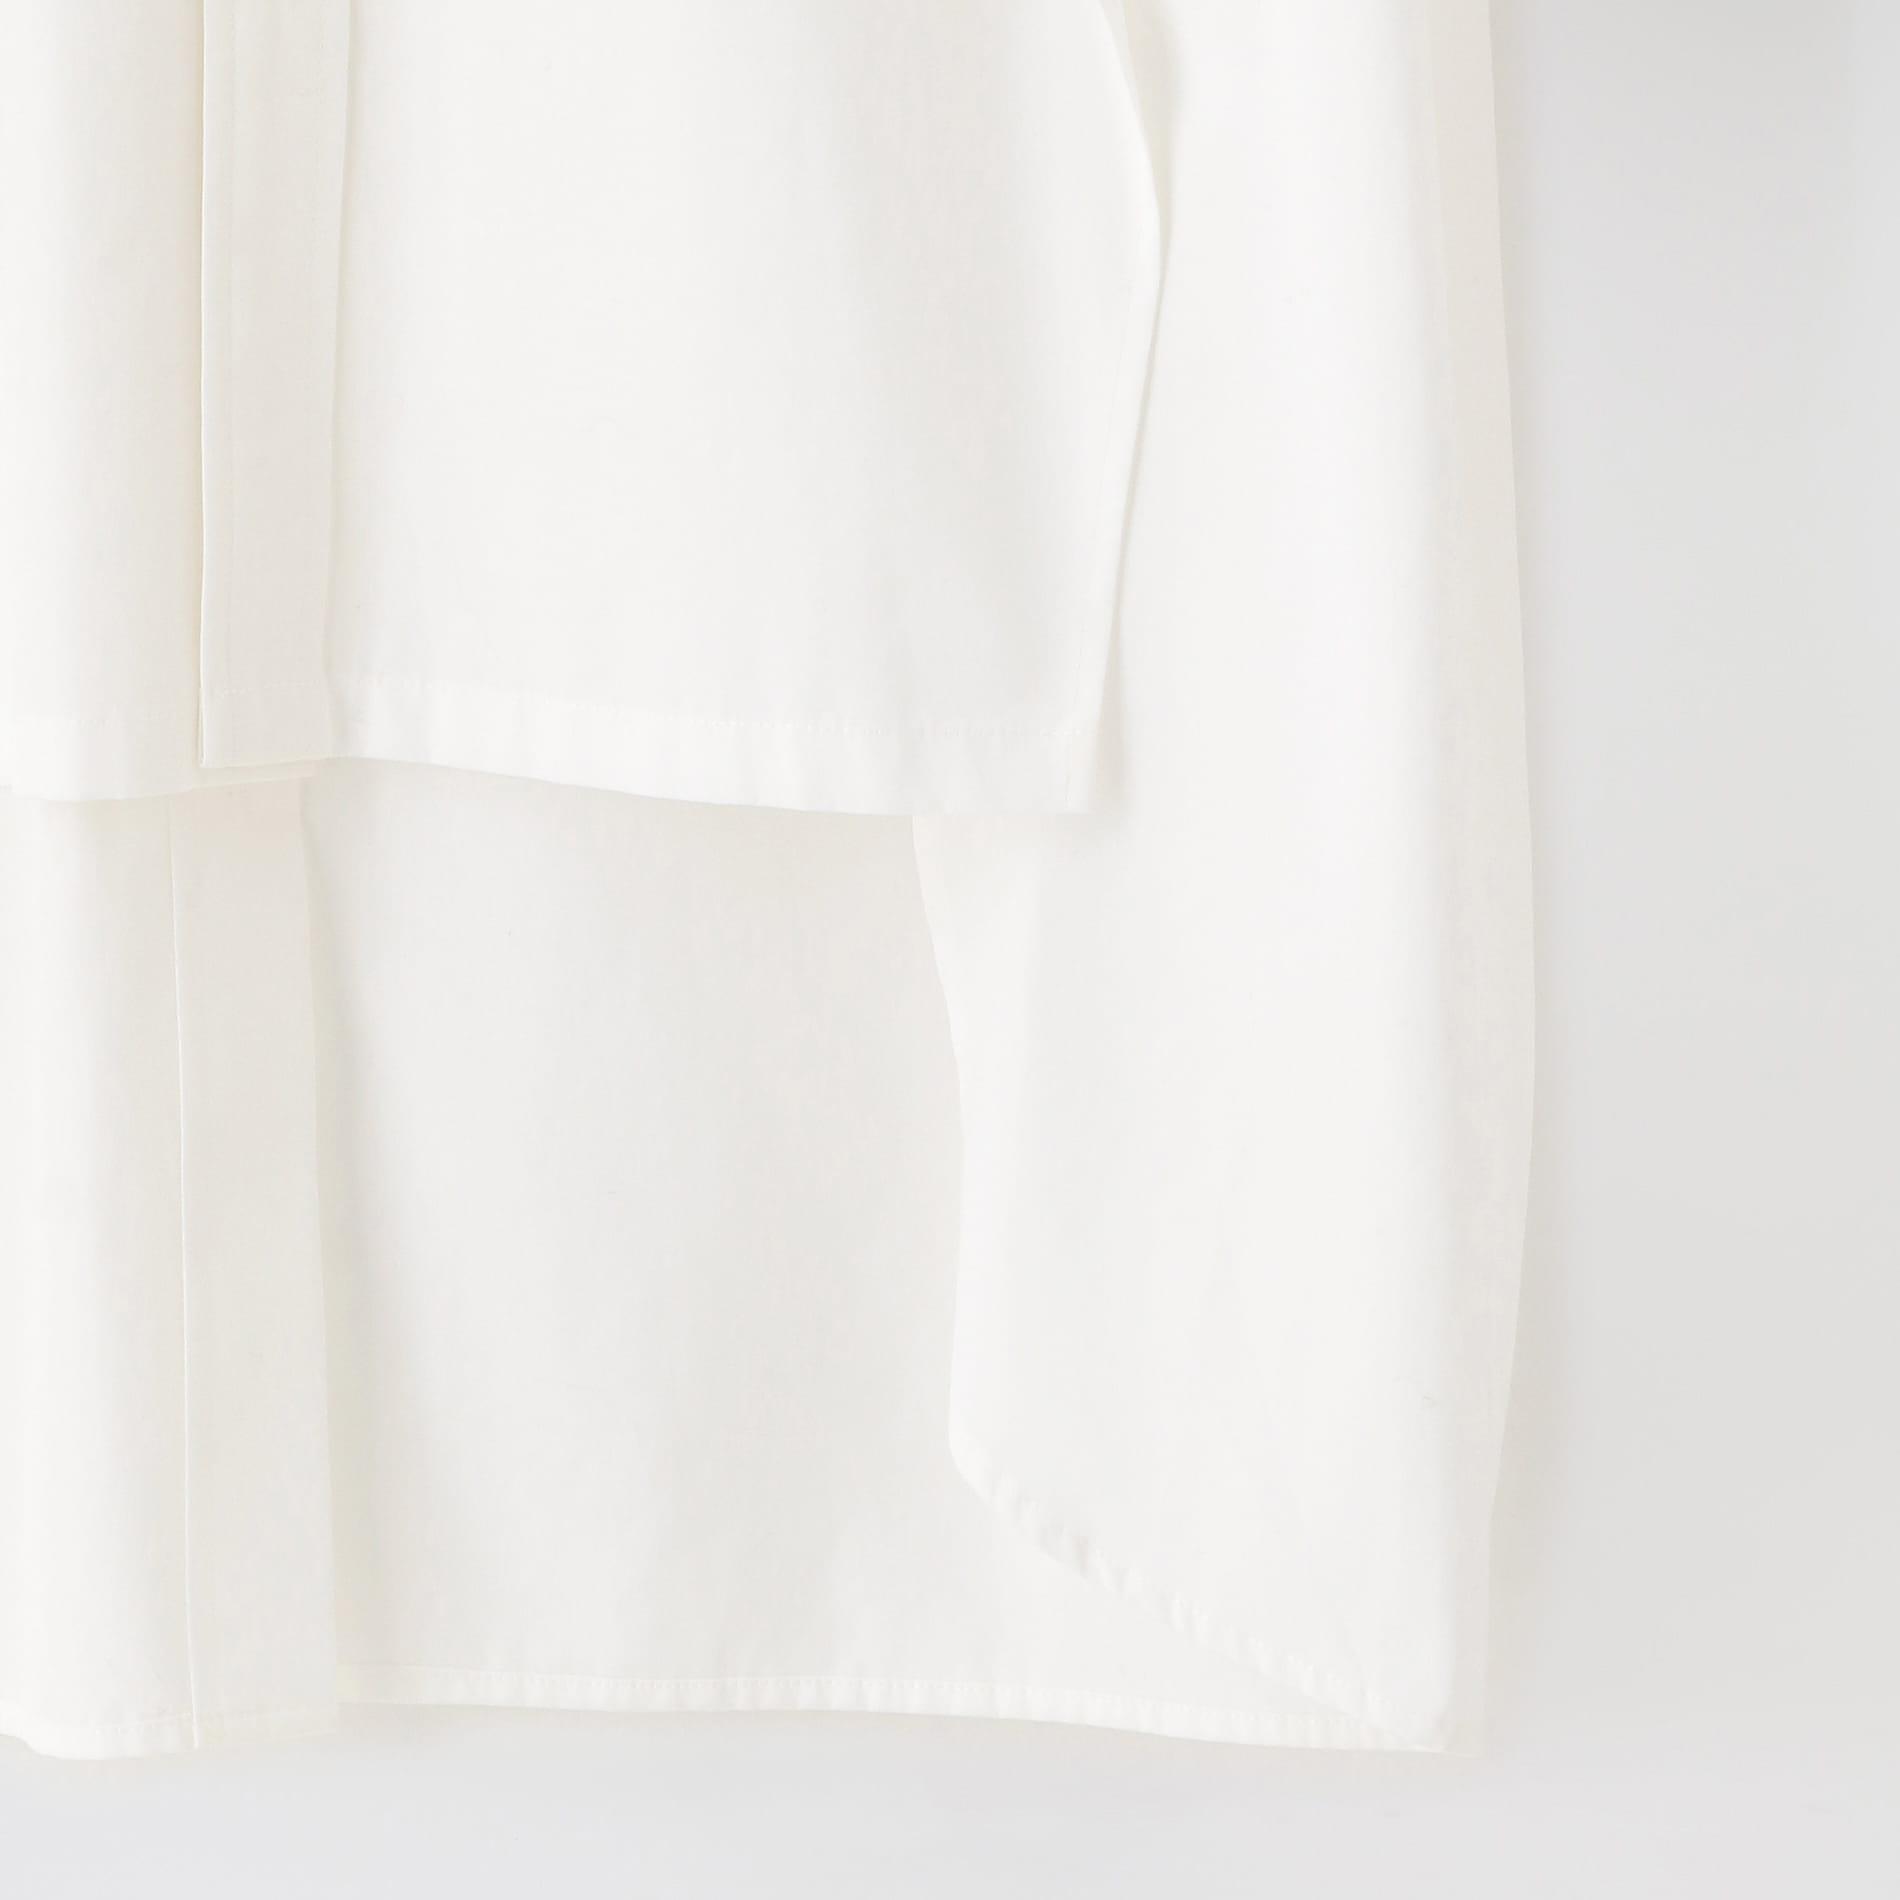 【UJOH】WOMEN FULL OPEN SHIRTS U793-B80-003